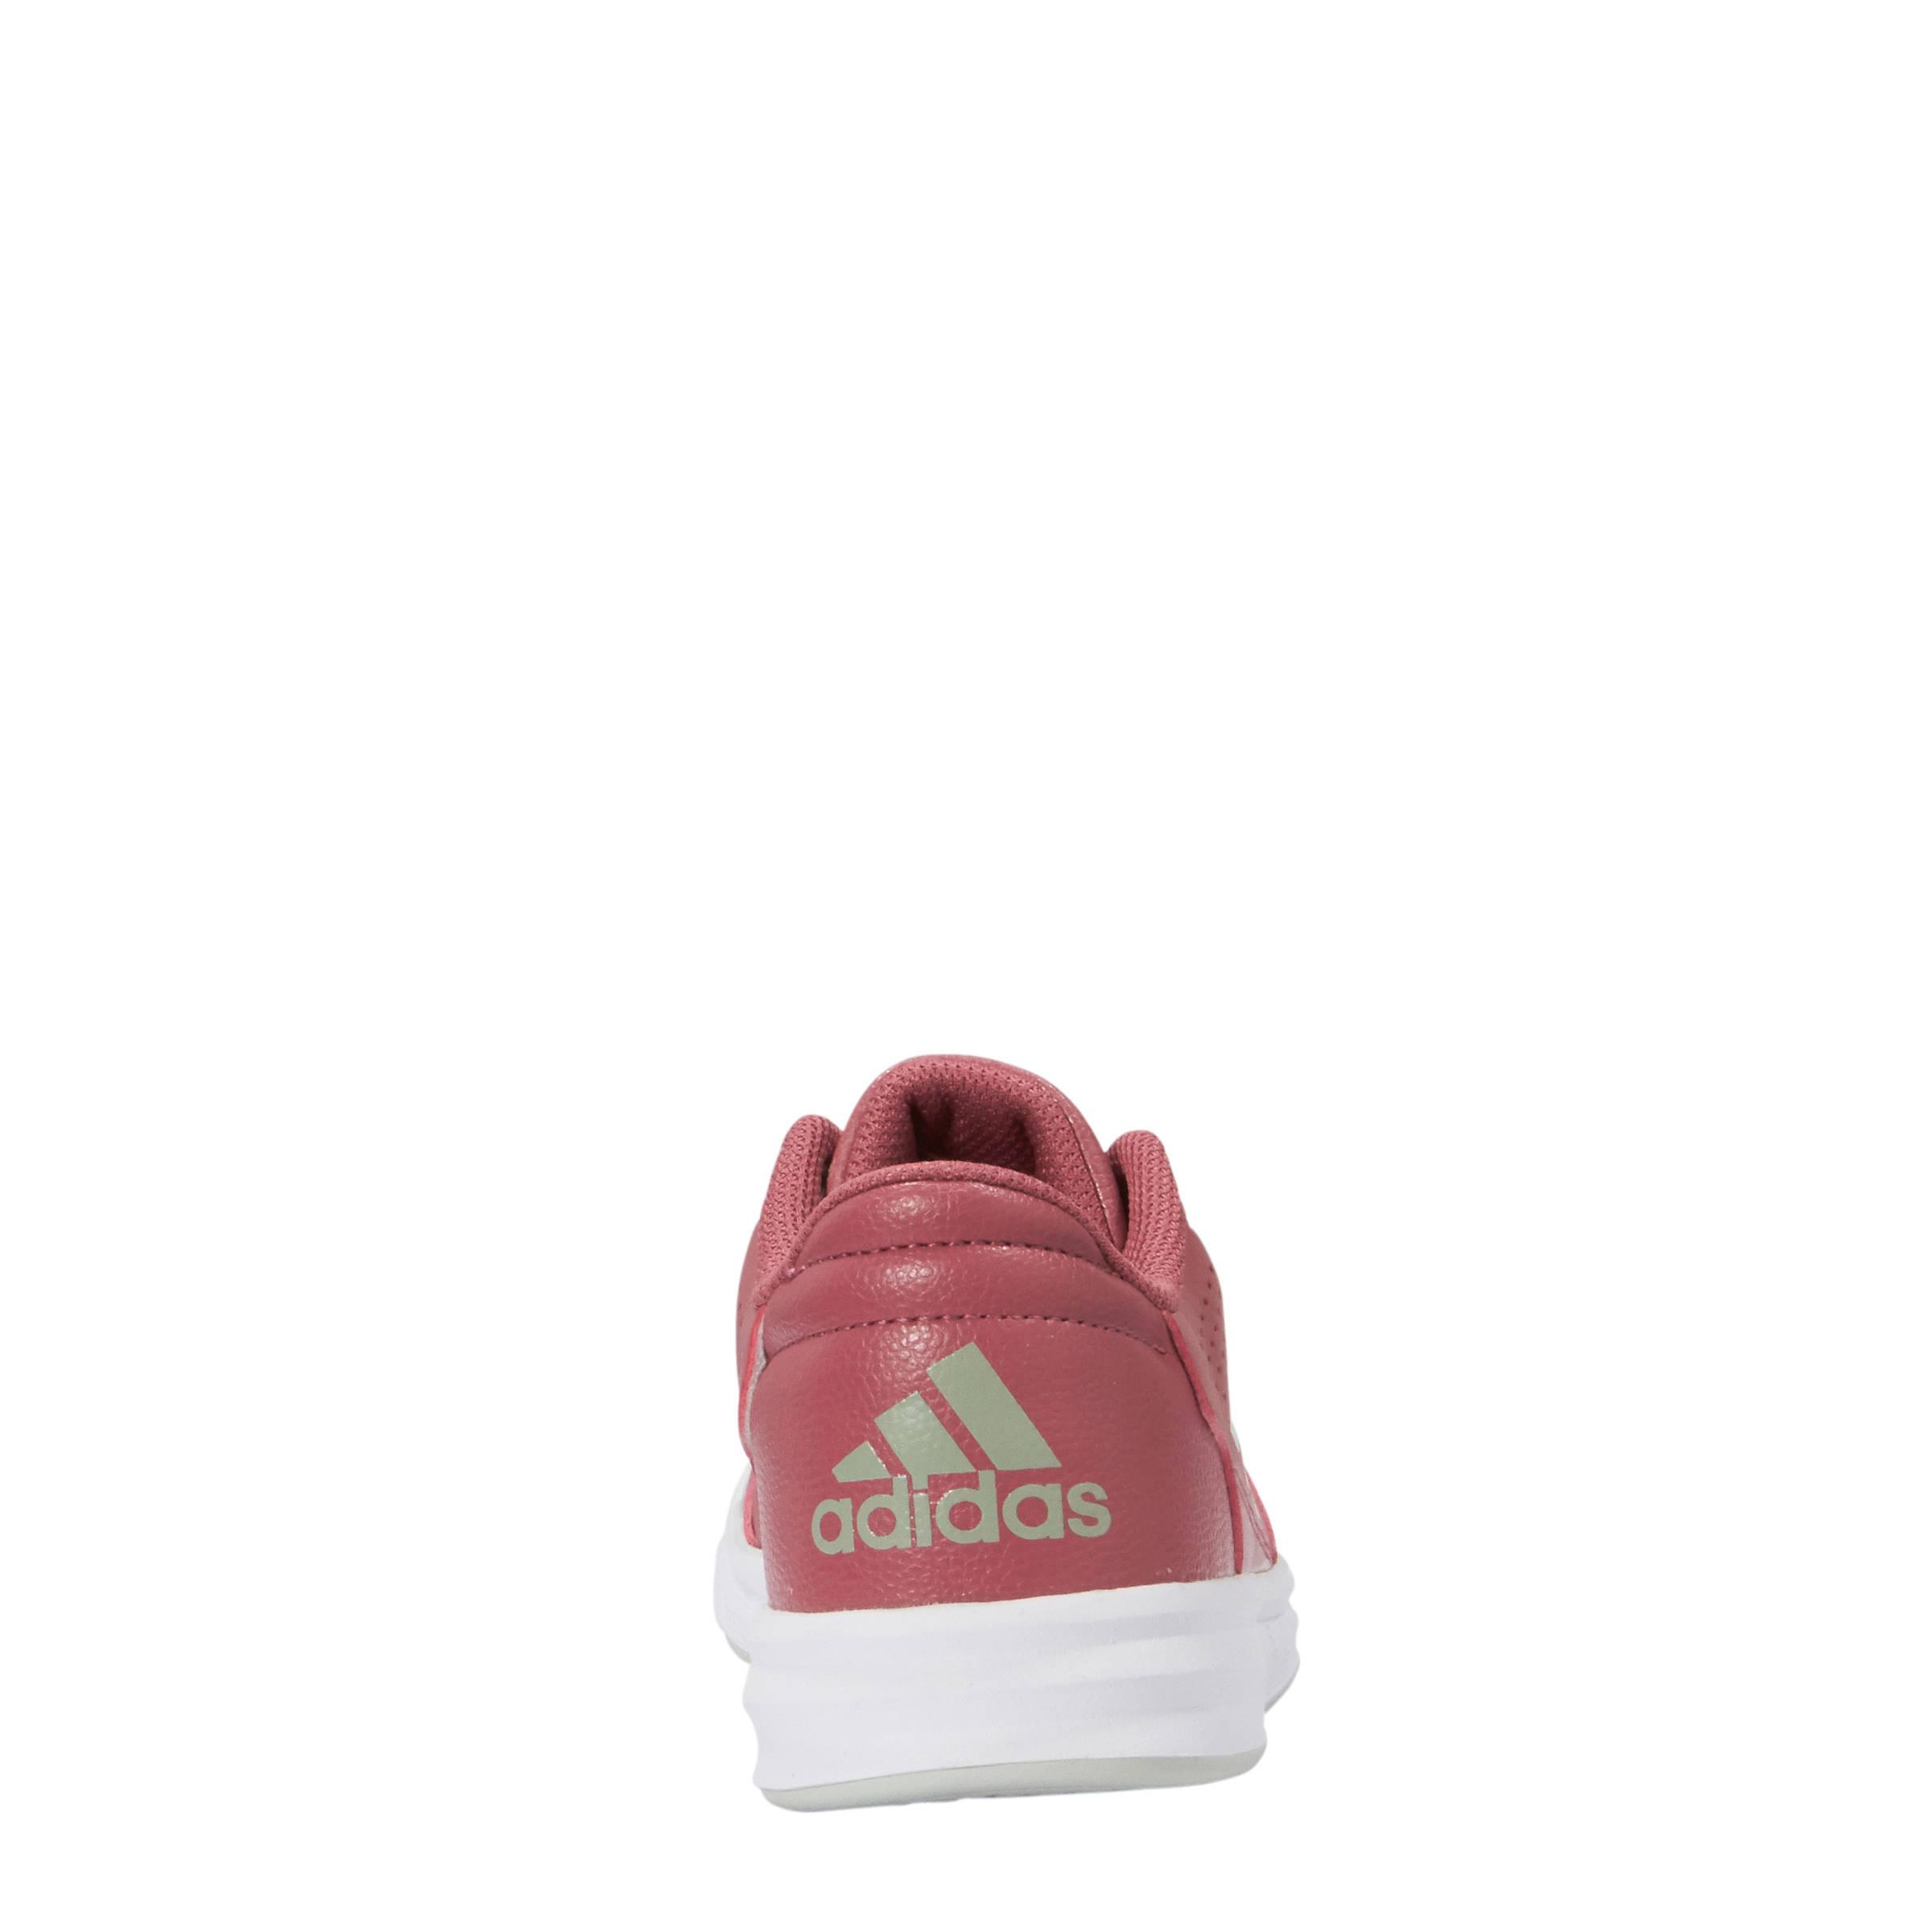 d586b8d25c9 adidas performance kids AltaSport sportschoenen roze   wehkamp